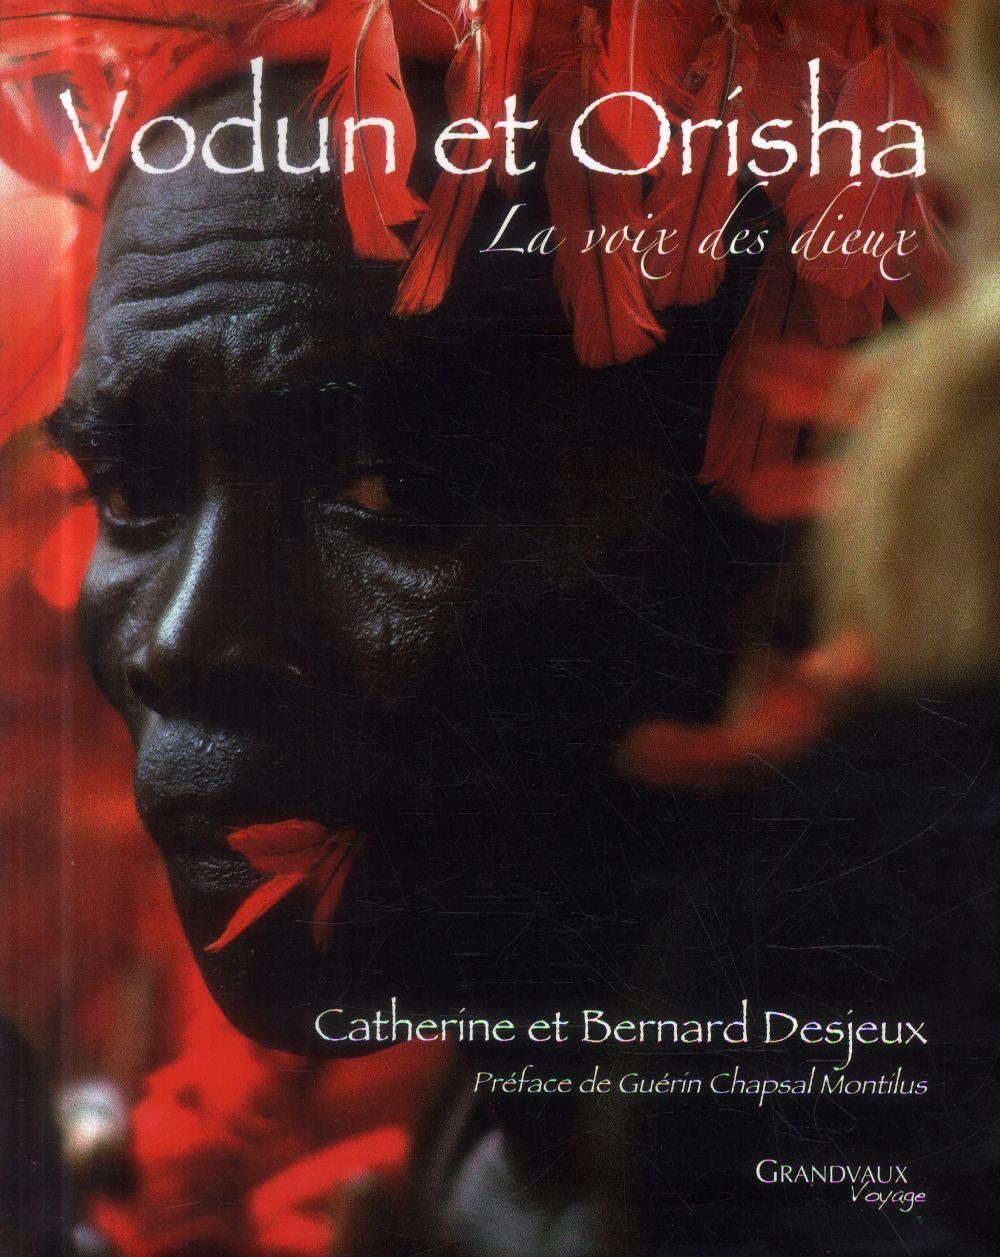 Vodun et Orisha ; la voix des dieux